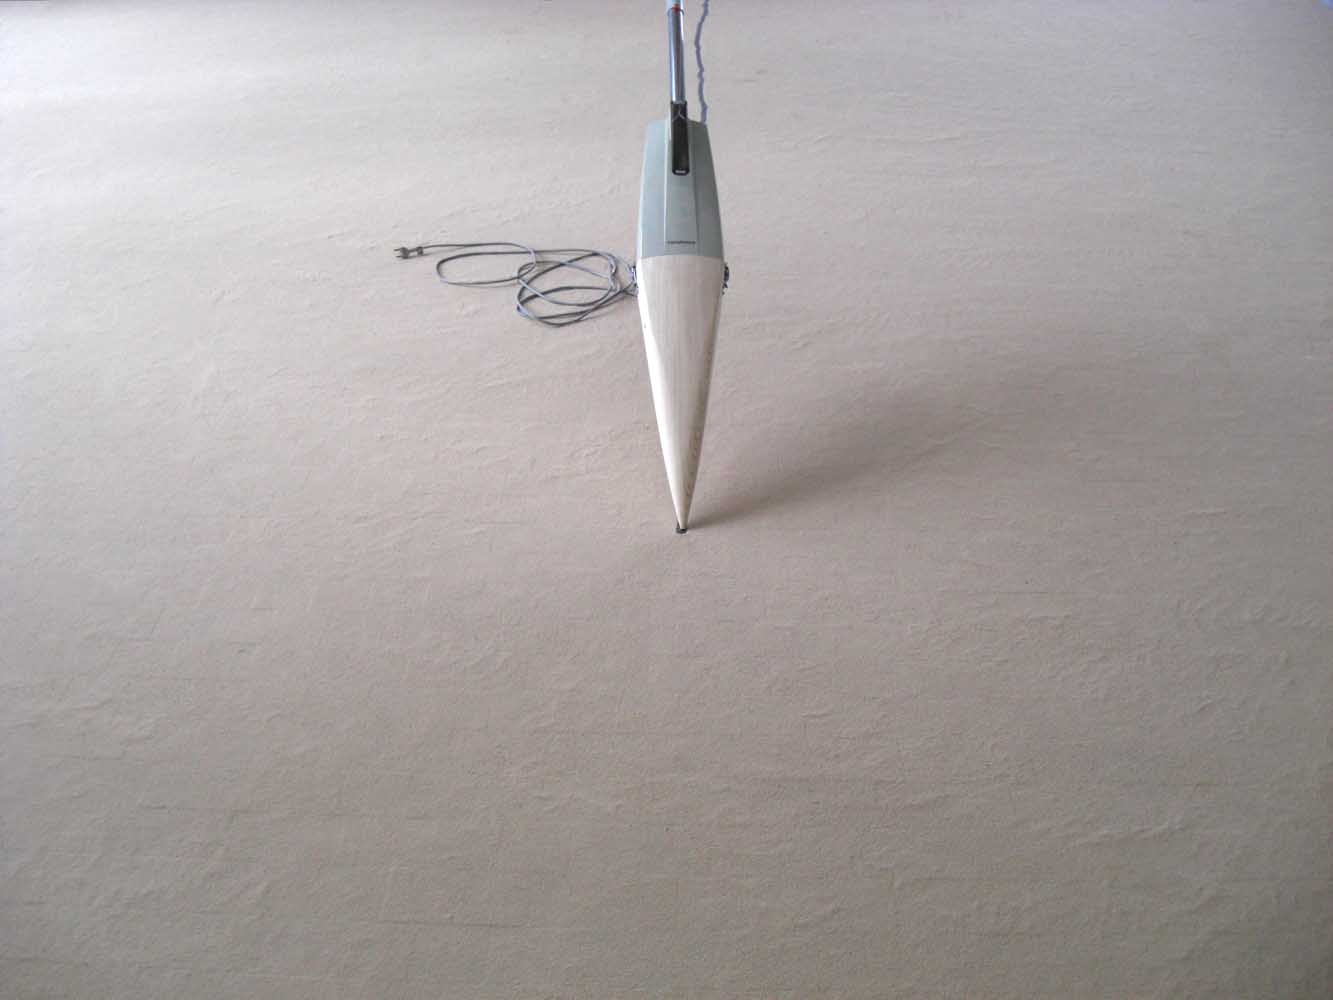 <em>Odd Habit Ghost</em>, 2012 <br>pièce d'aspirateur Manufrance, bois, poudre de bois, câble <br>dimensions variables